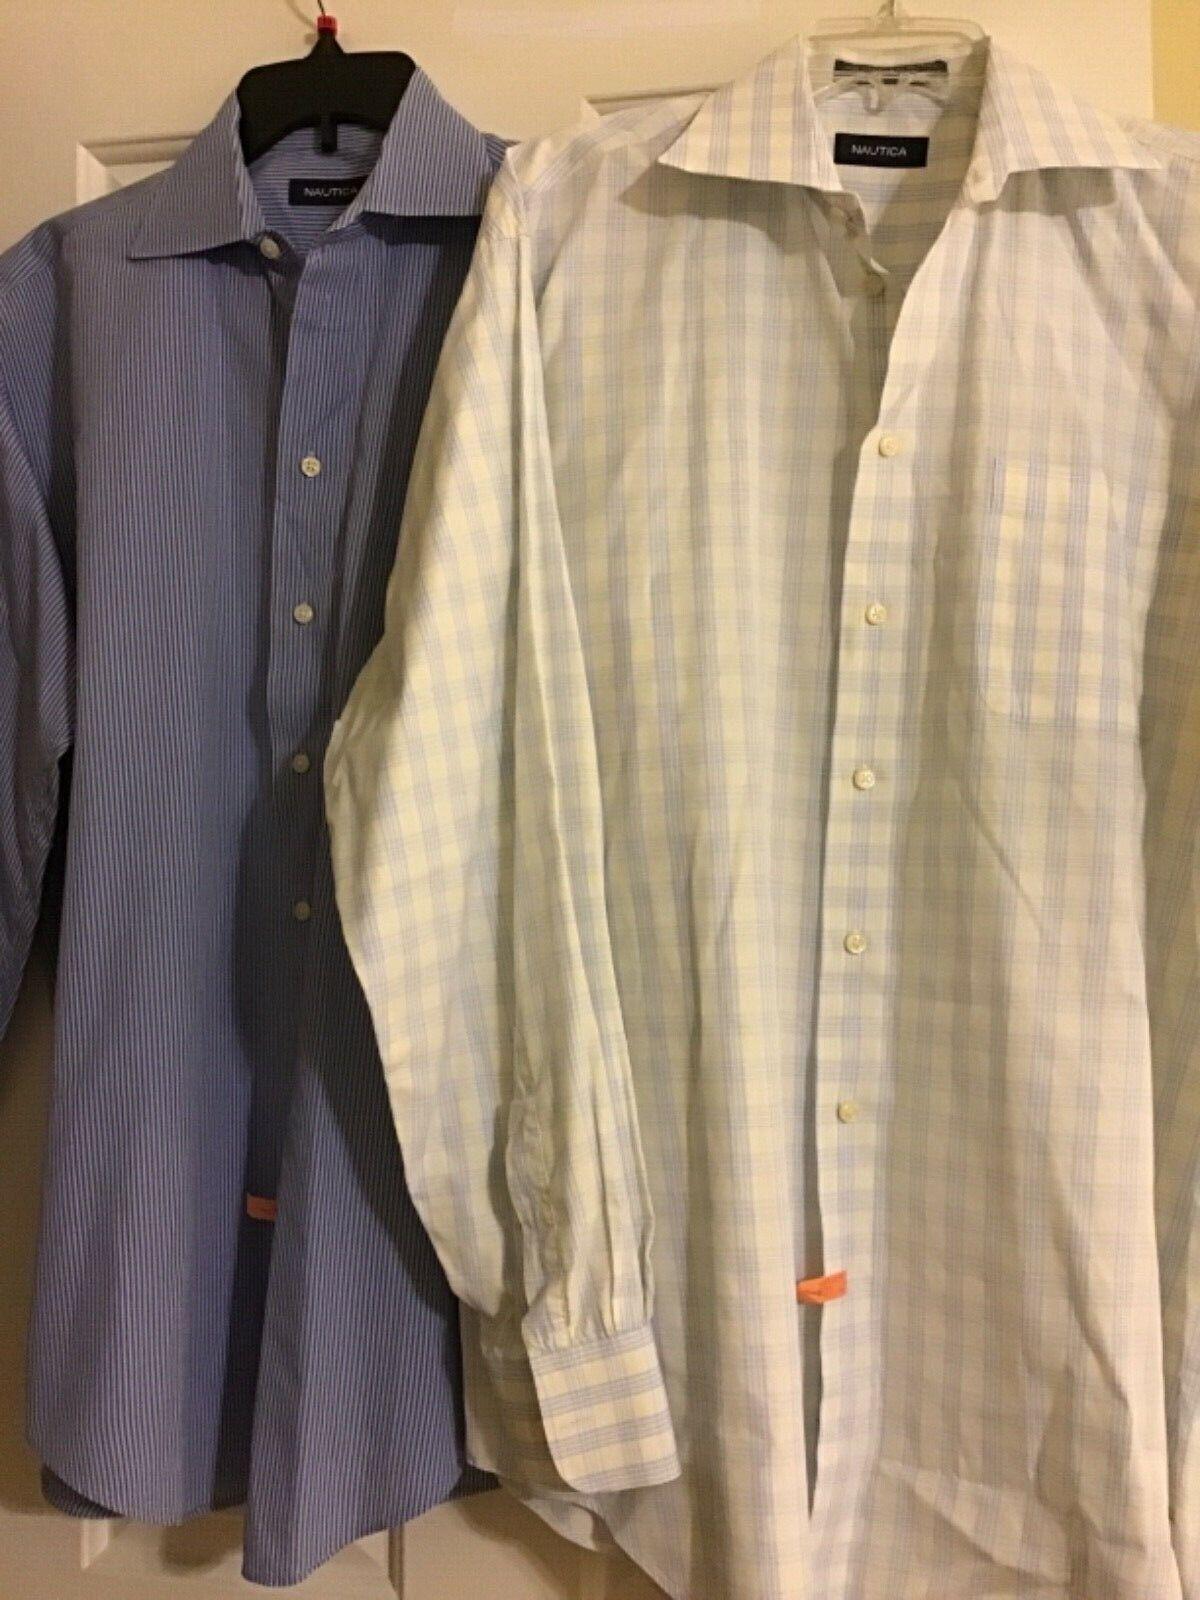 792a6688 Lot 2 nautica button down shirt 16-34 35;161 2-34 35 size nnlvet4028 ...